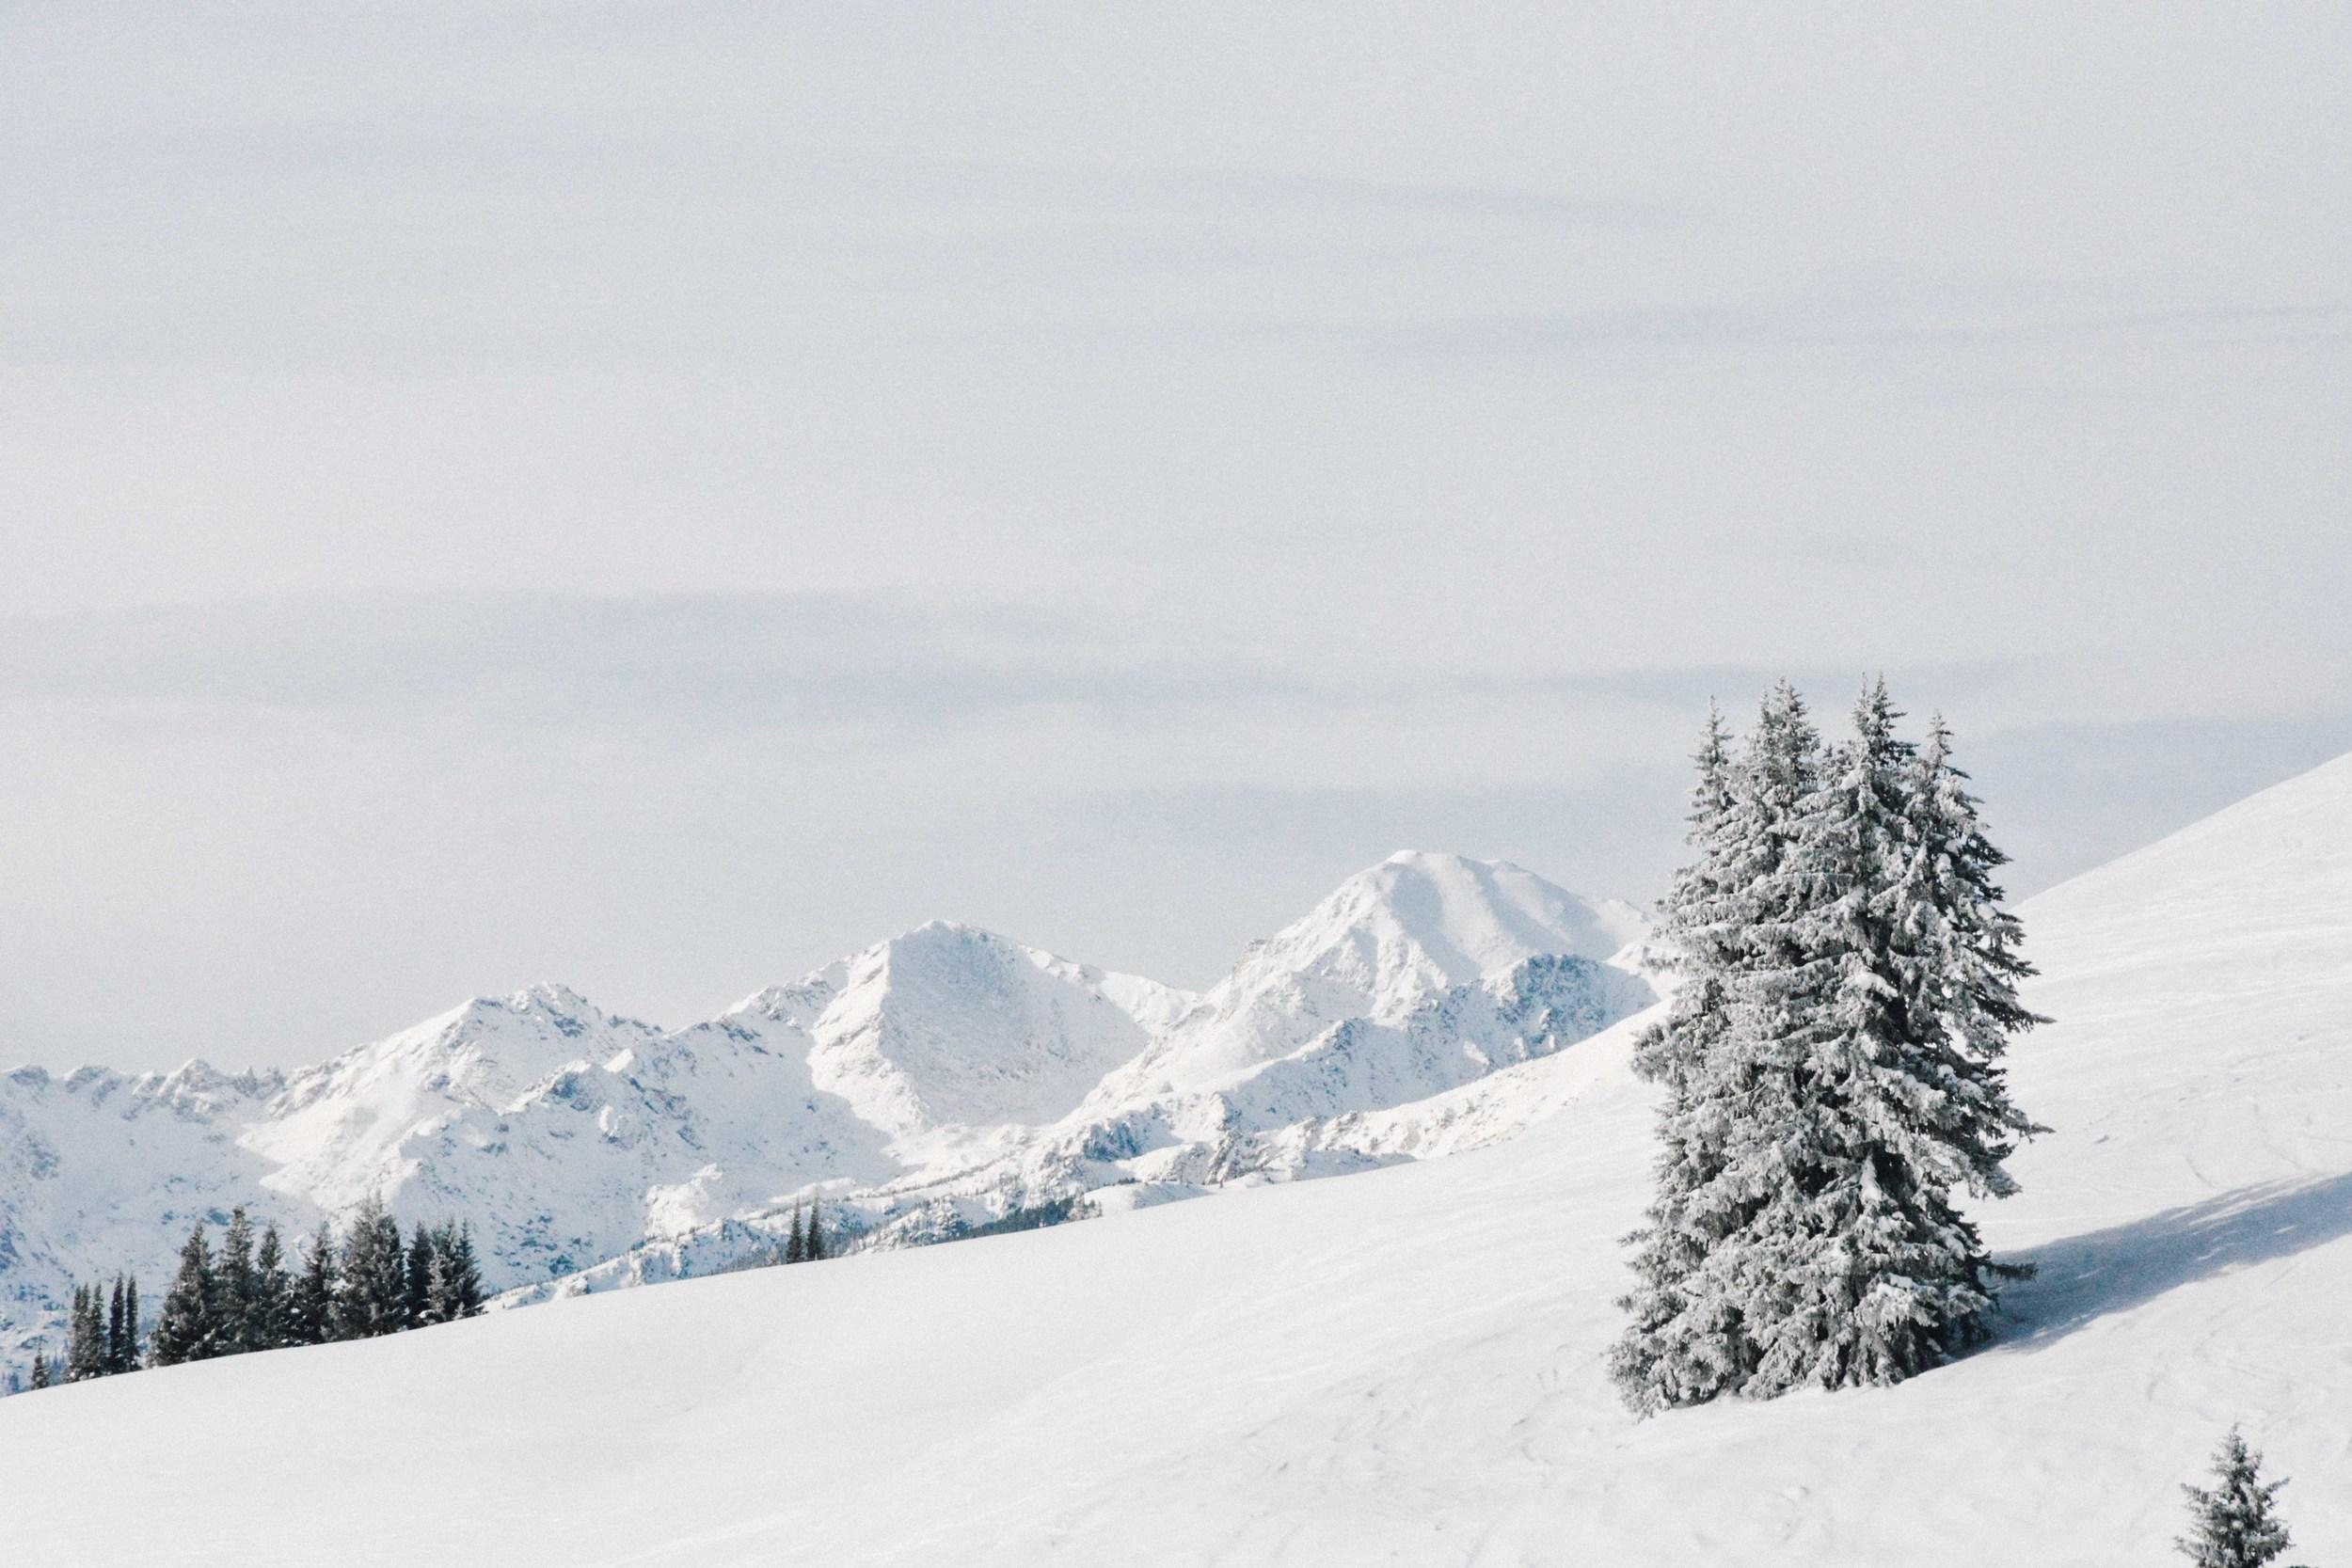 Powder Fields and Snowy Peaks